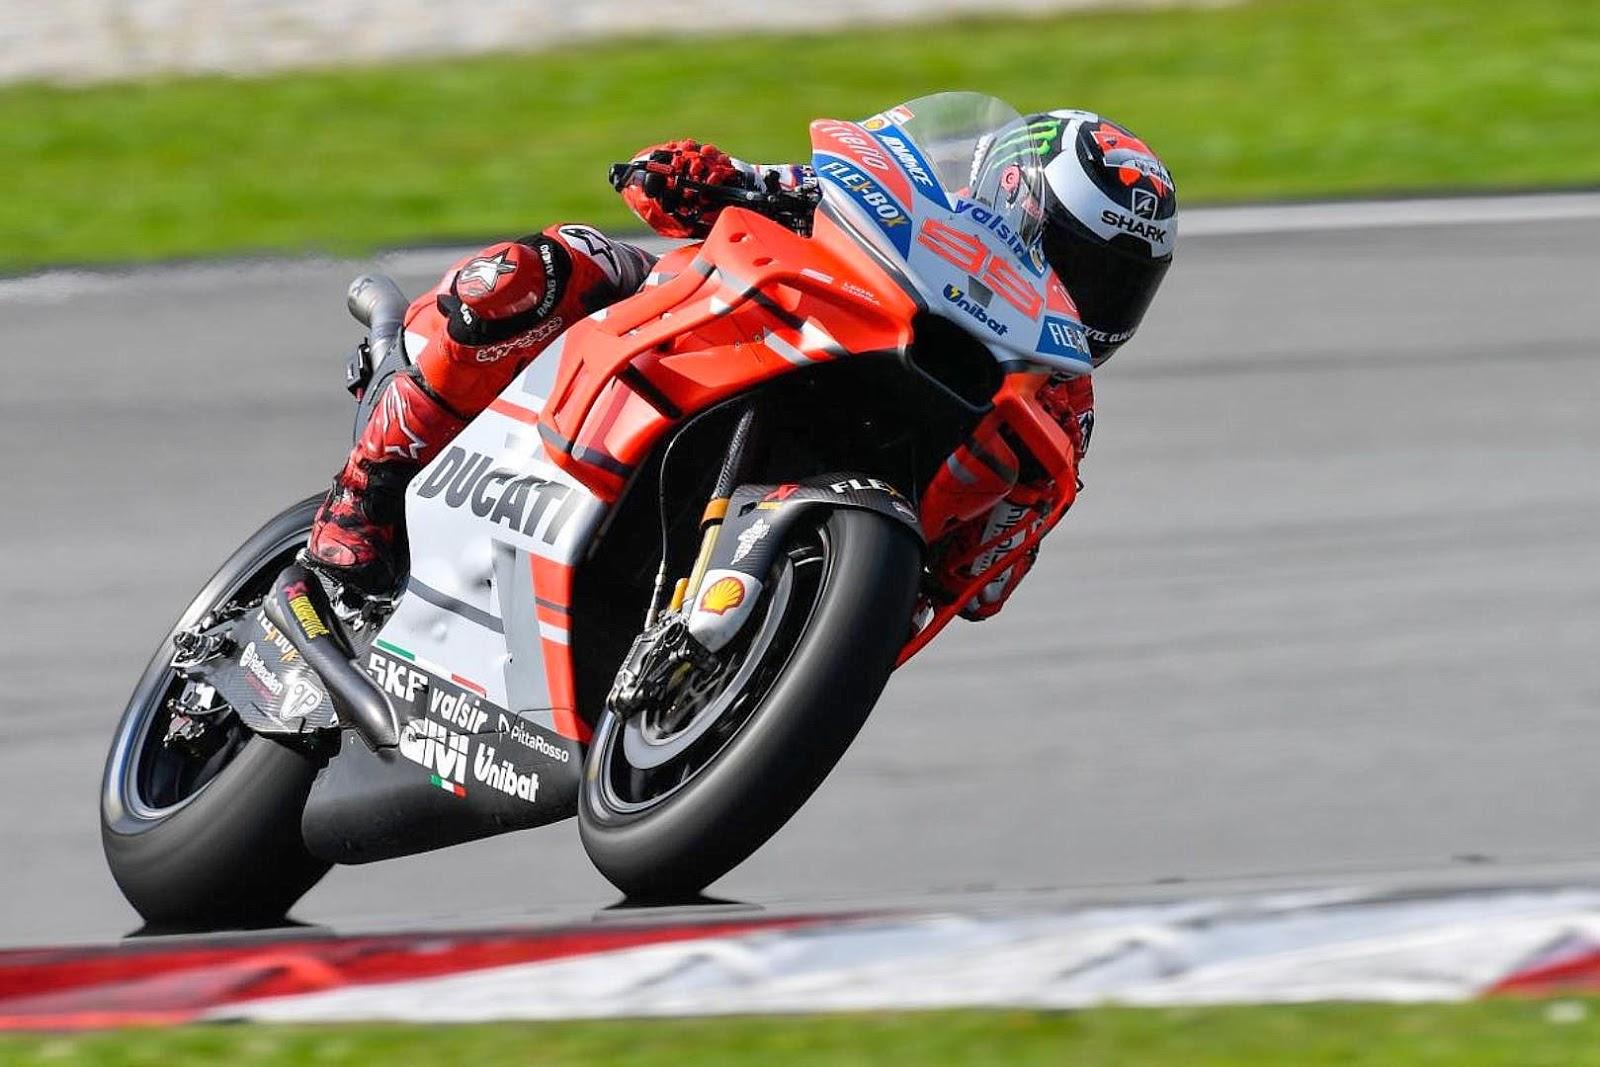 Gunakan motor baru, Lorenzo jadi yang tercepat sepanjang sejarah sirkuit pada Sepang Winter test 2018